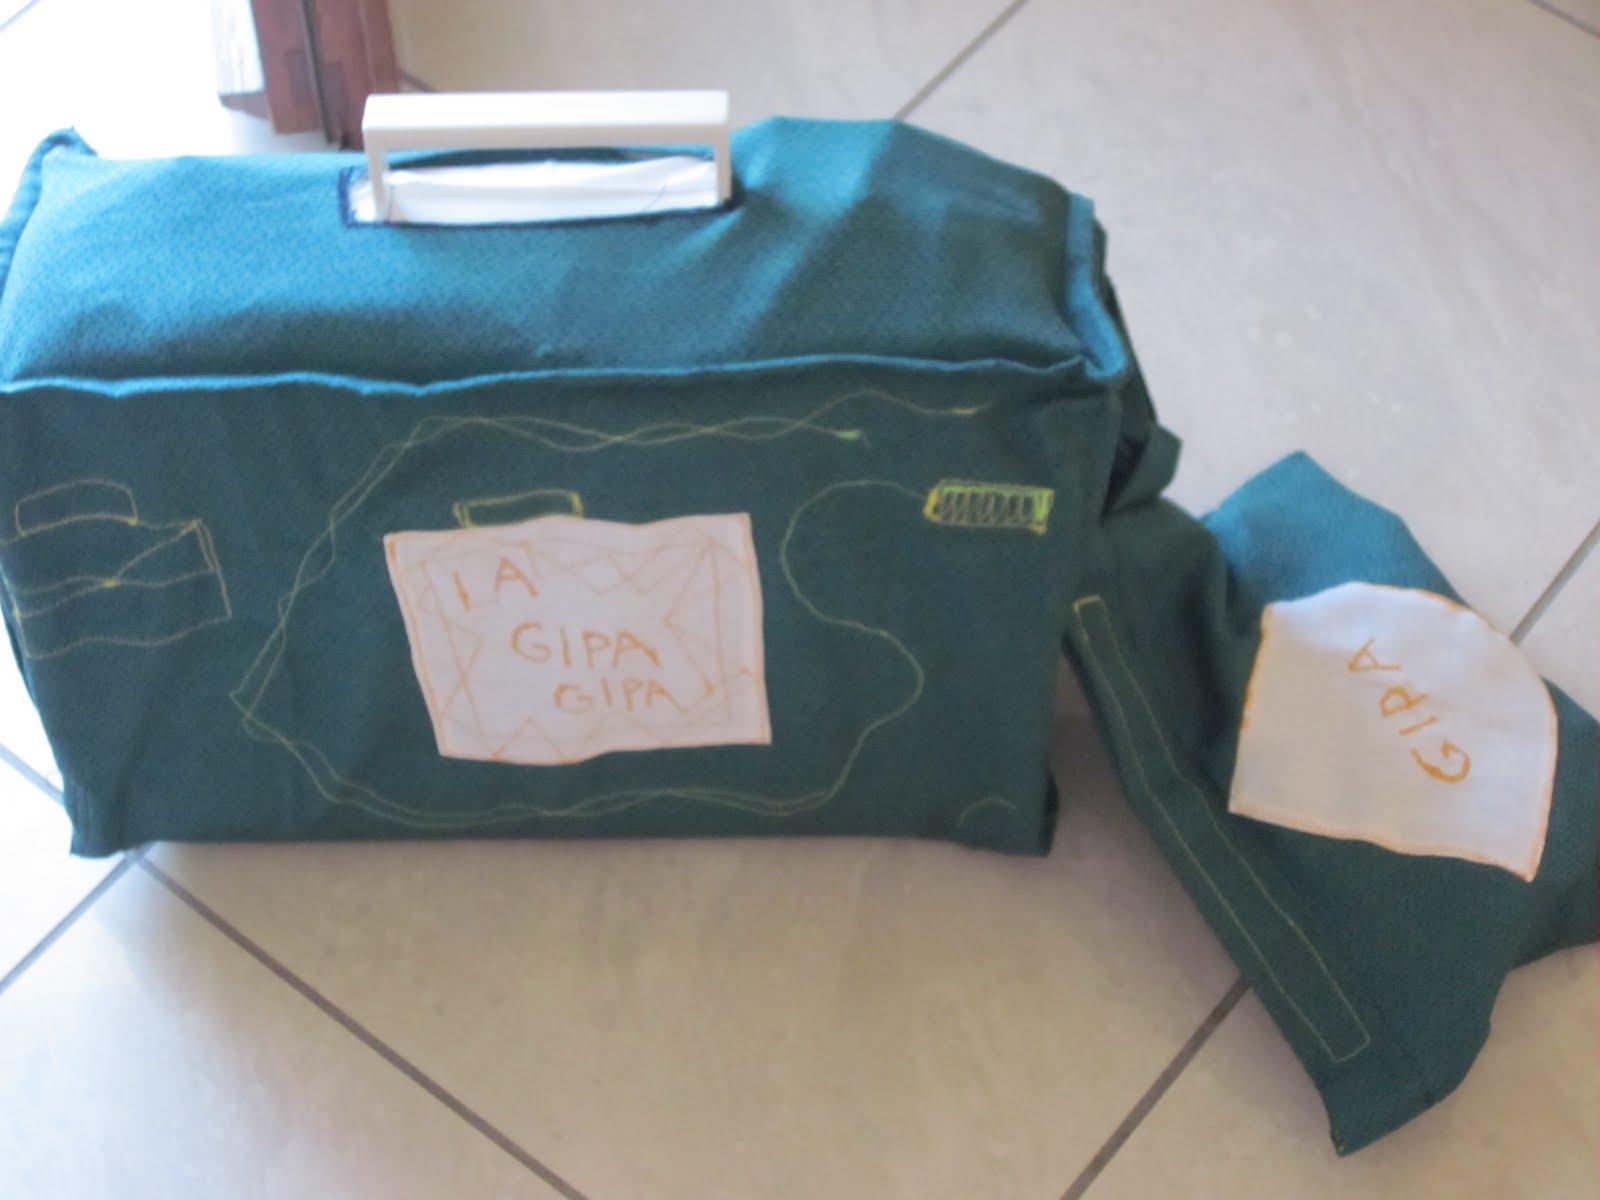 Gipa gipa copri macchina da cucire per trasportarla for Porta macchina da cucire